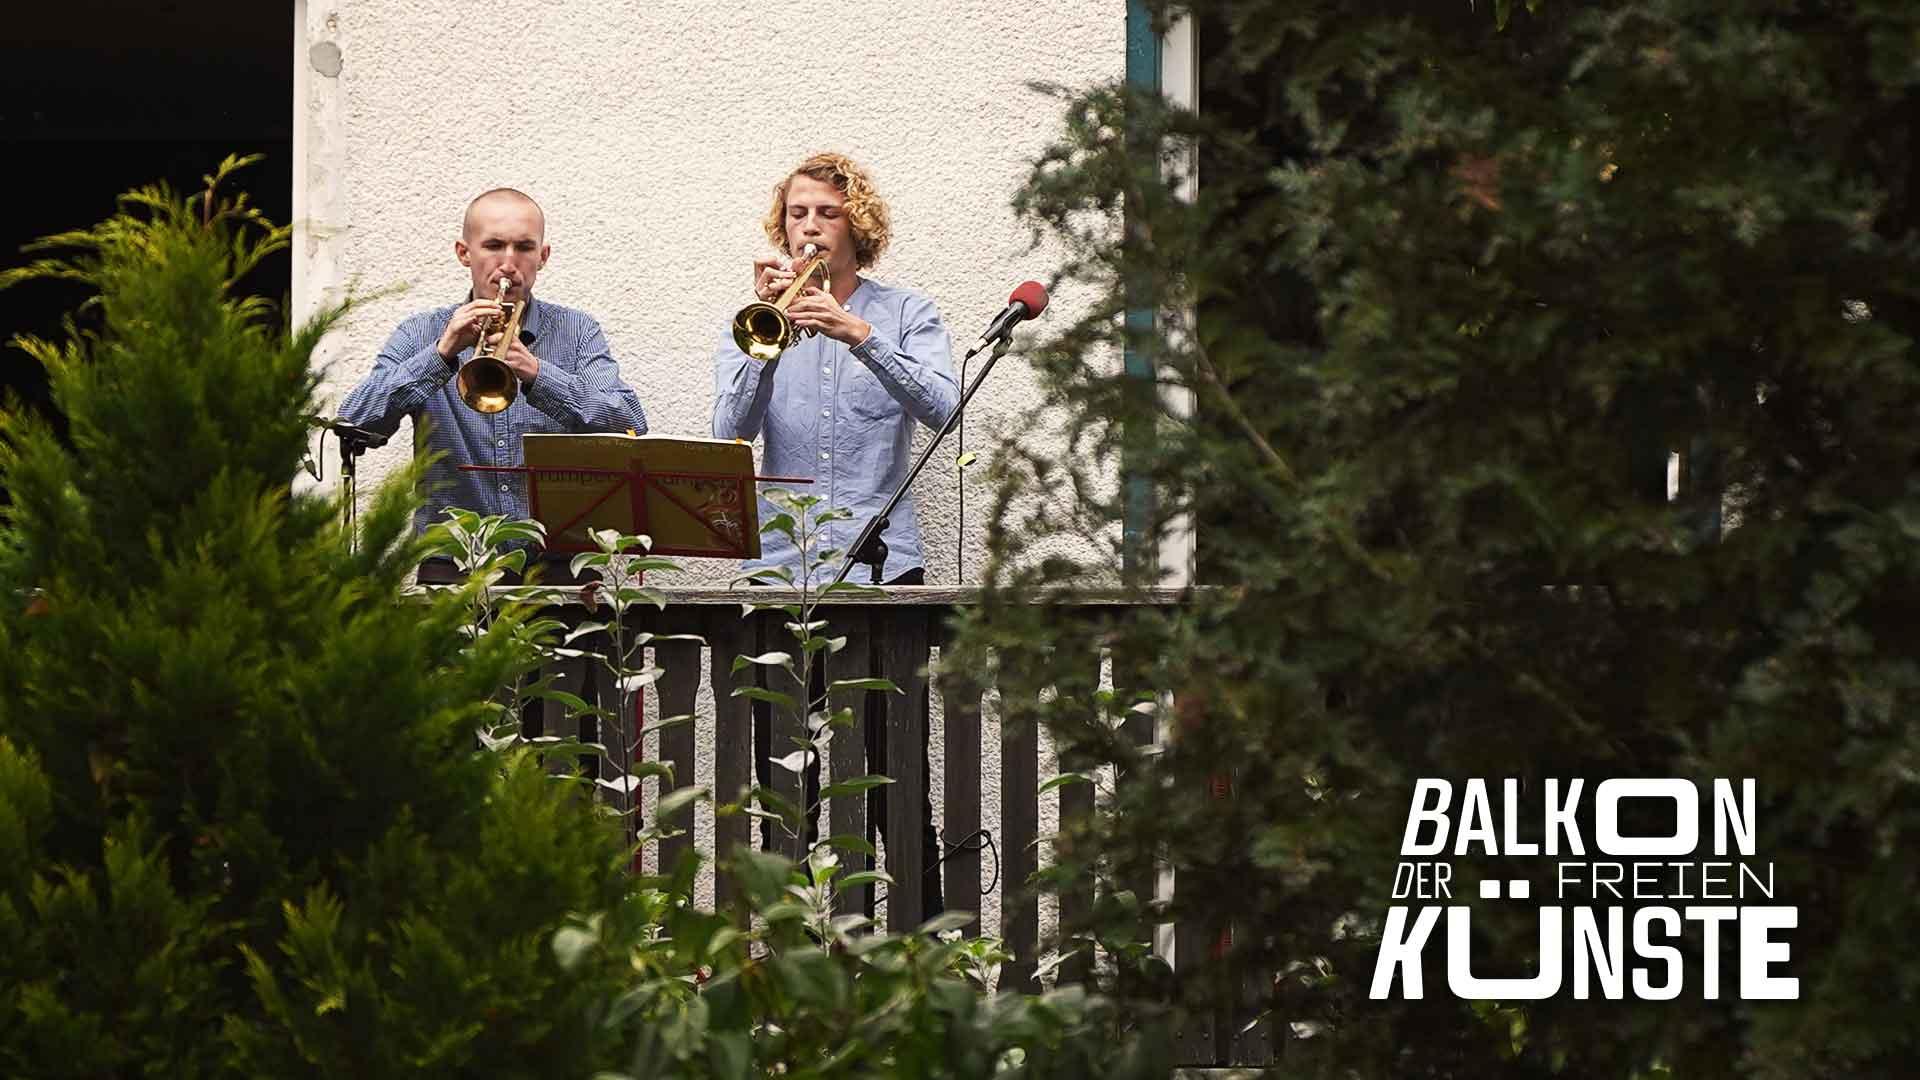 Trompeten-Stars Moritz und Frieder auf dem Balkon der freien Künste